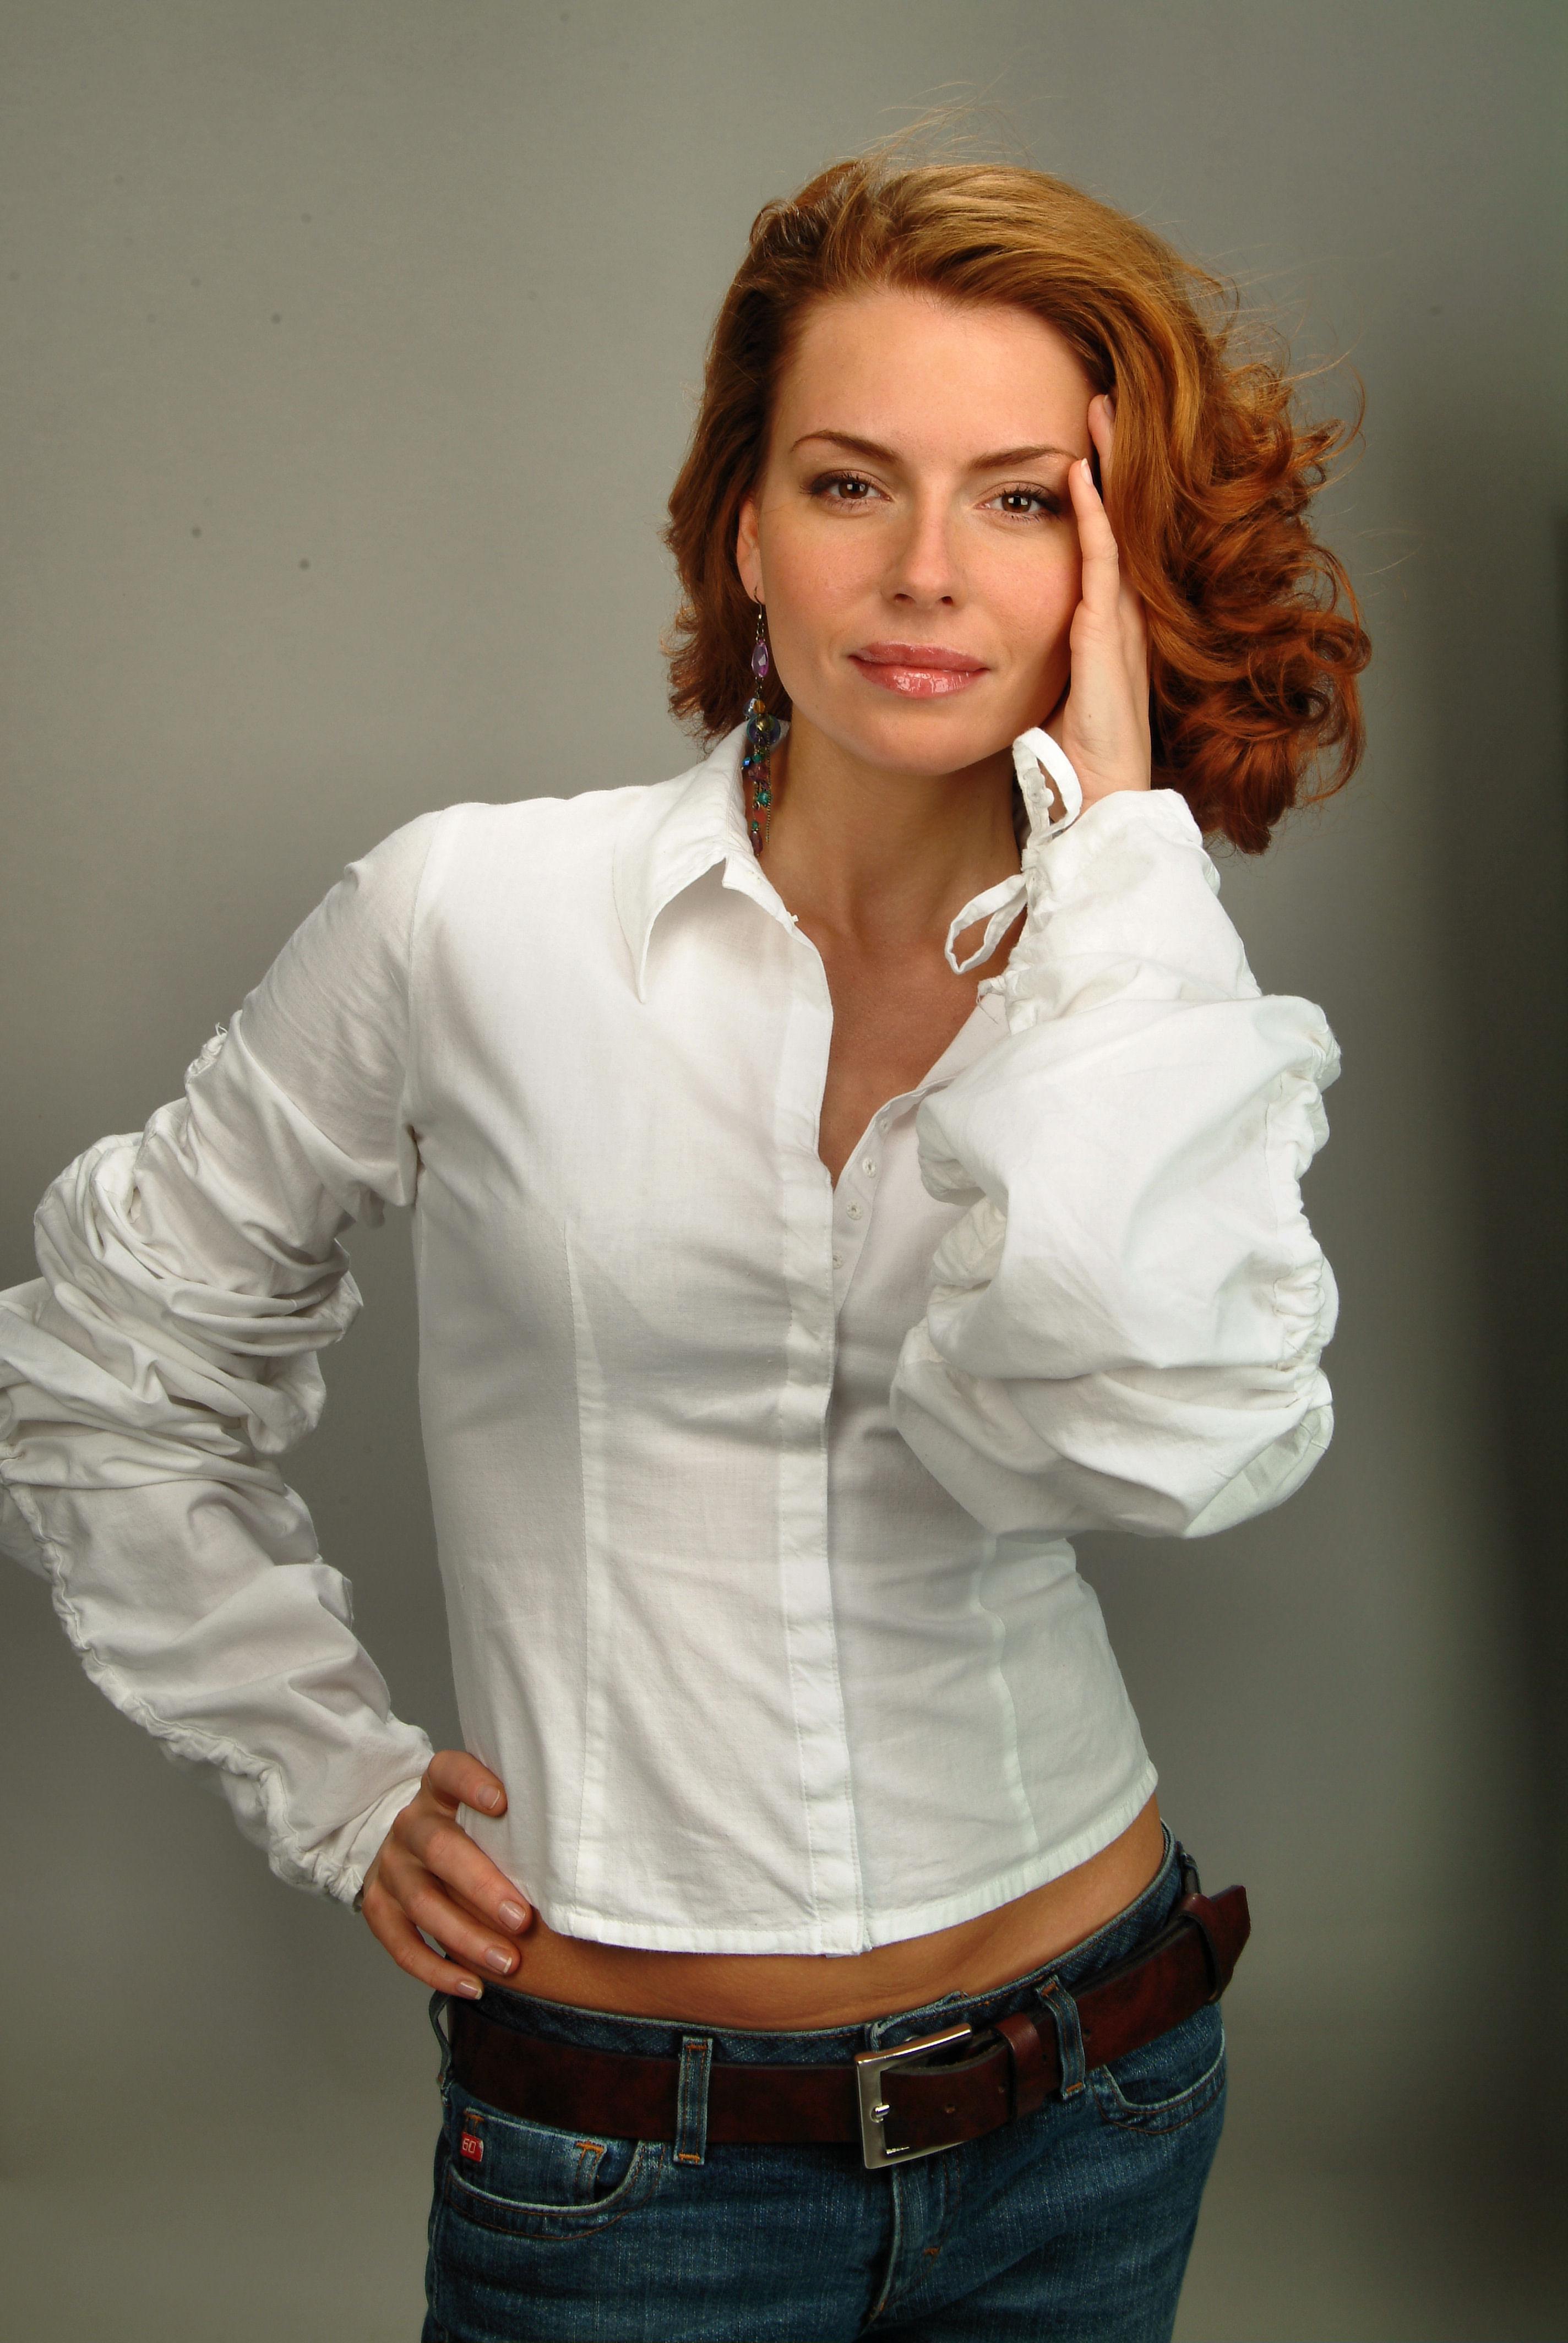 Голые знаменитости Любовь Толкалина голая - видео и фото